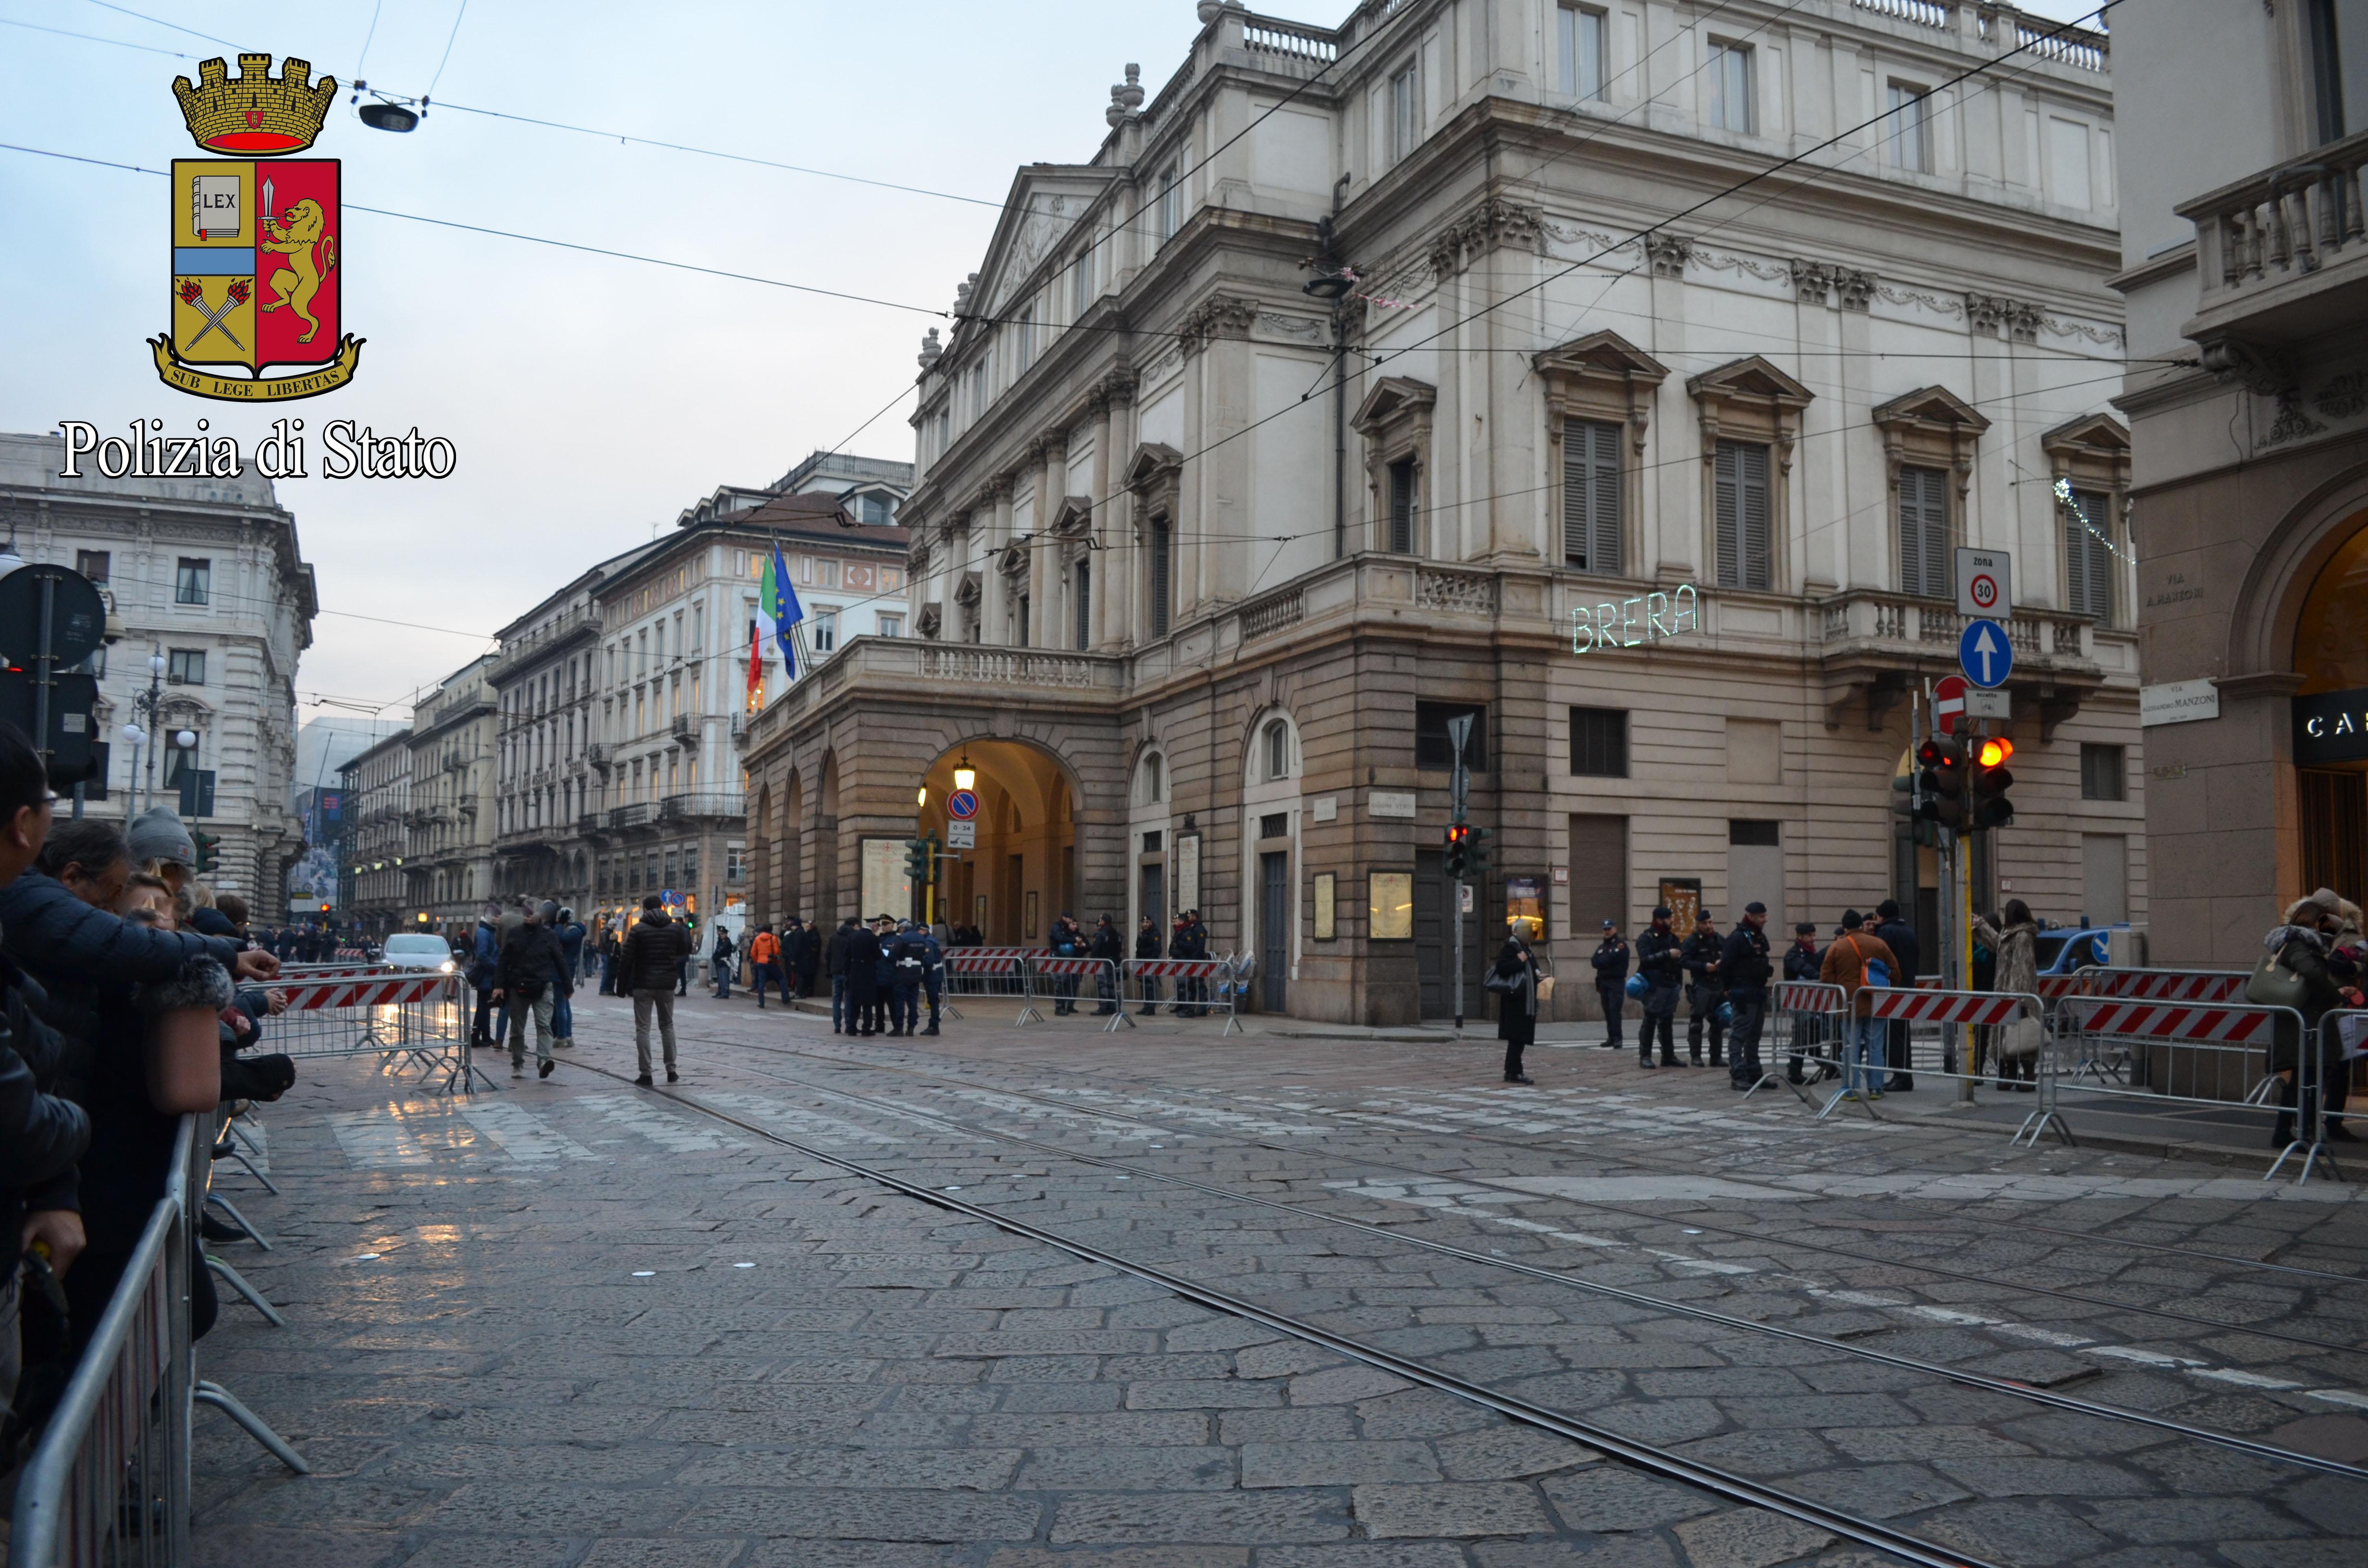 Polizia di stato questure sul web milano for Milano re immobili di prestigio